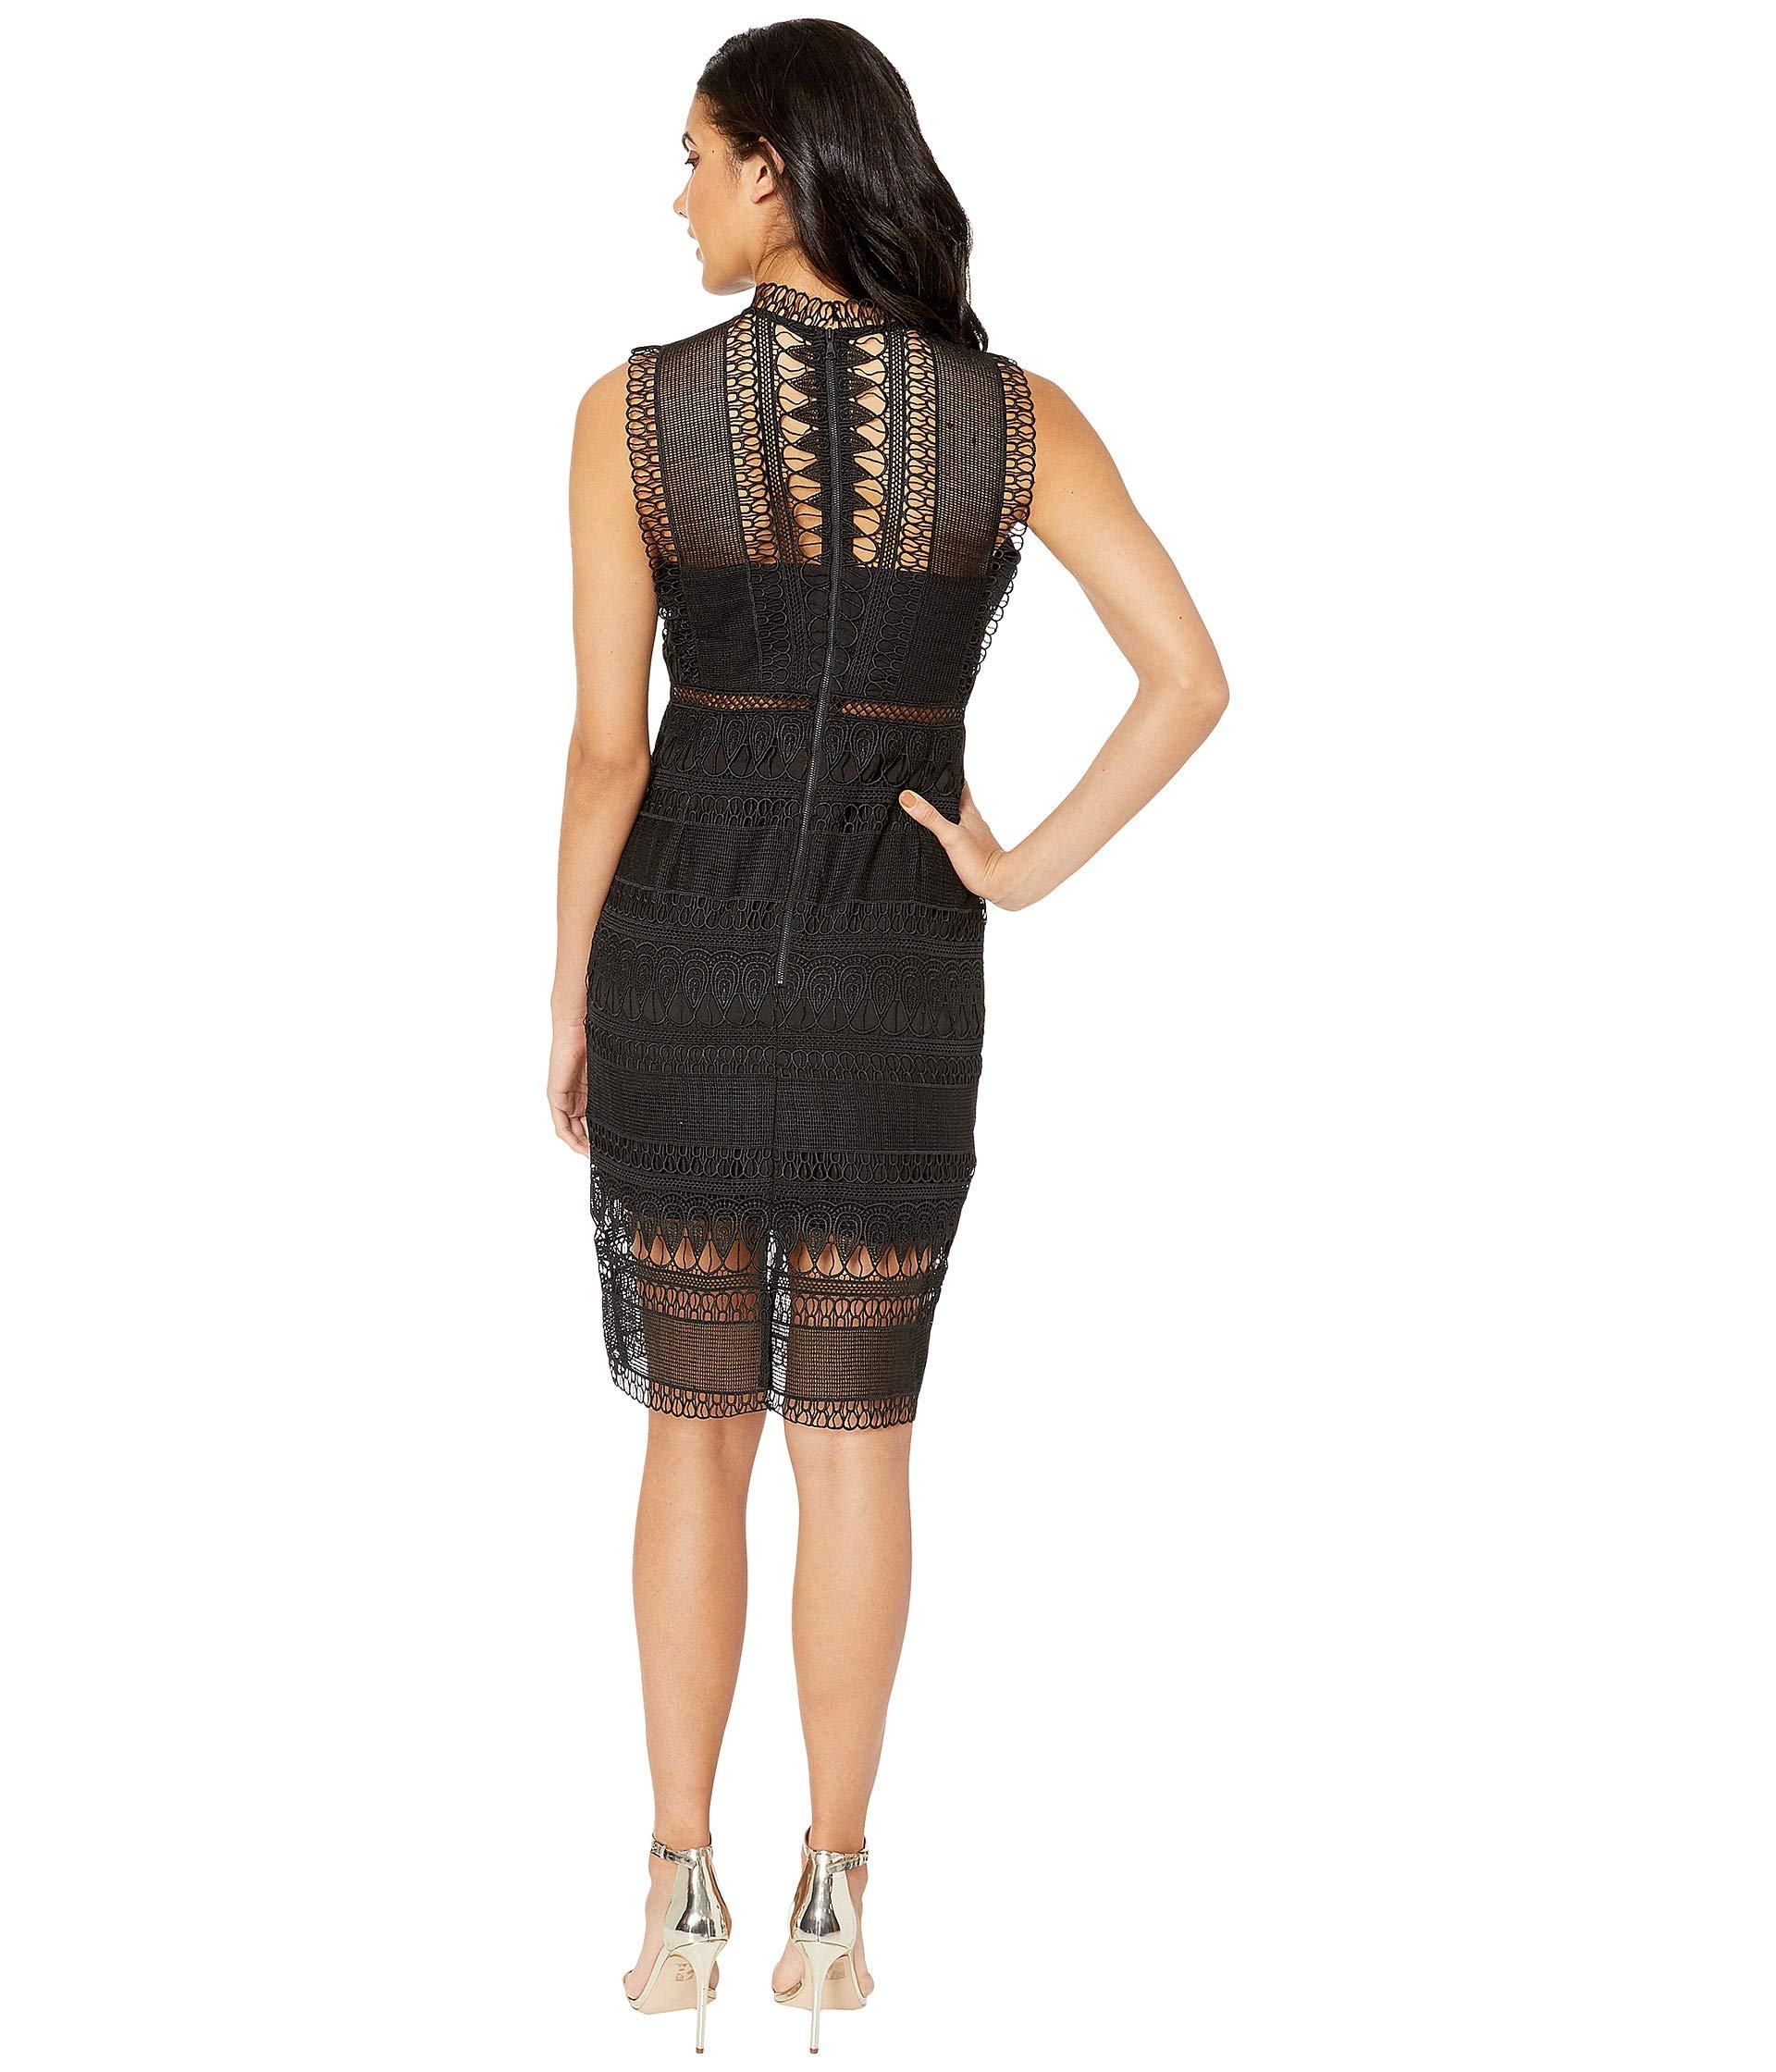 Dress Lace Mariana Bardot Lace Black Mariana Bardot Black Bardot Mariana Dress Lace Dress vtwpCqp